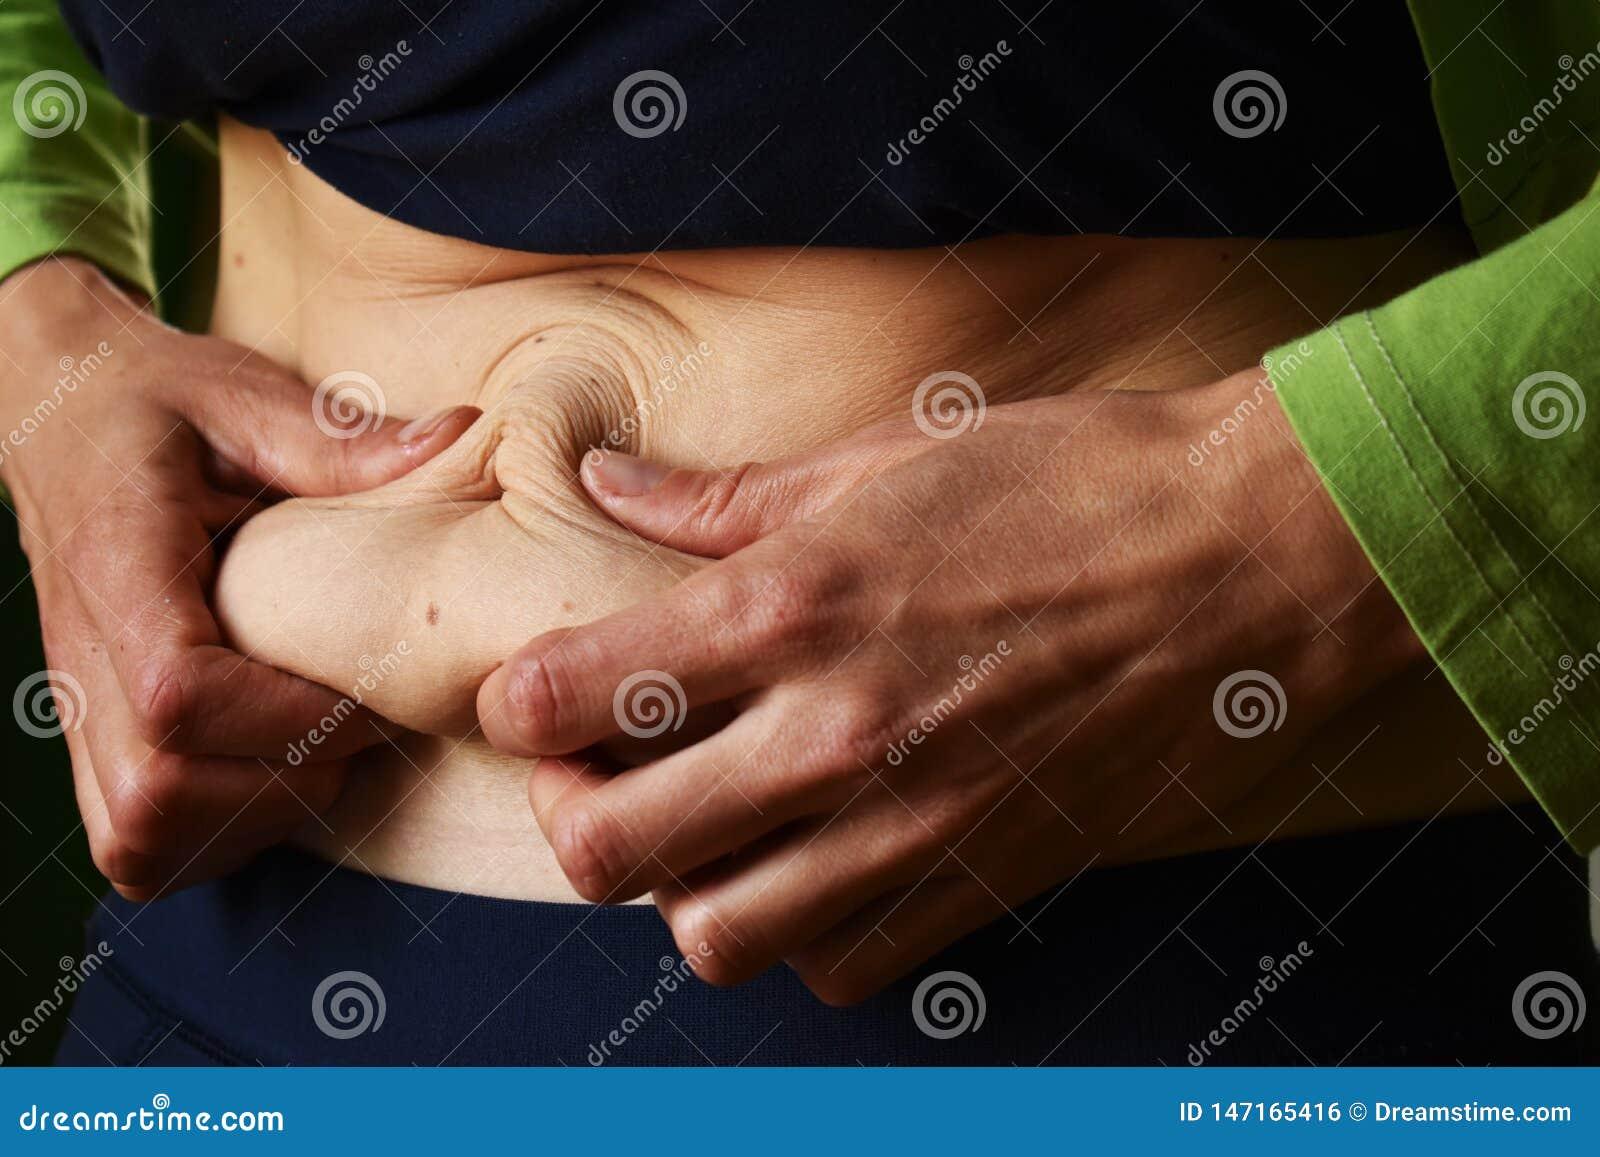 Сверхнормальная кожа на животе женщины после доставки